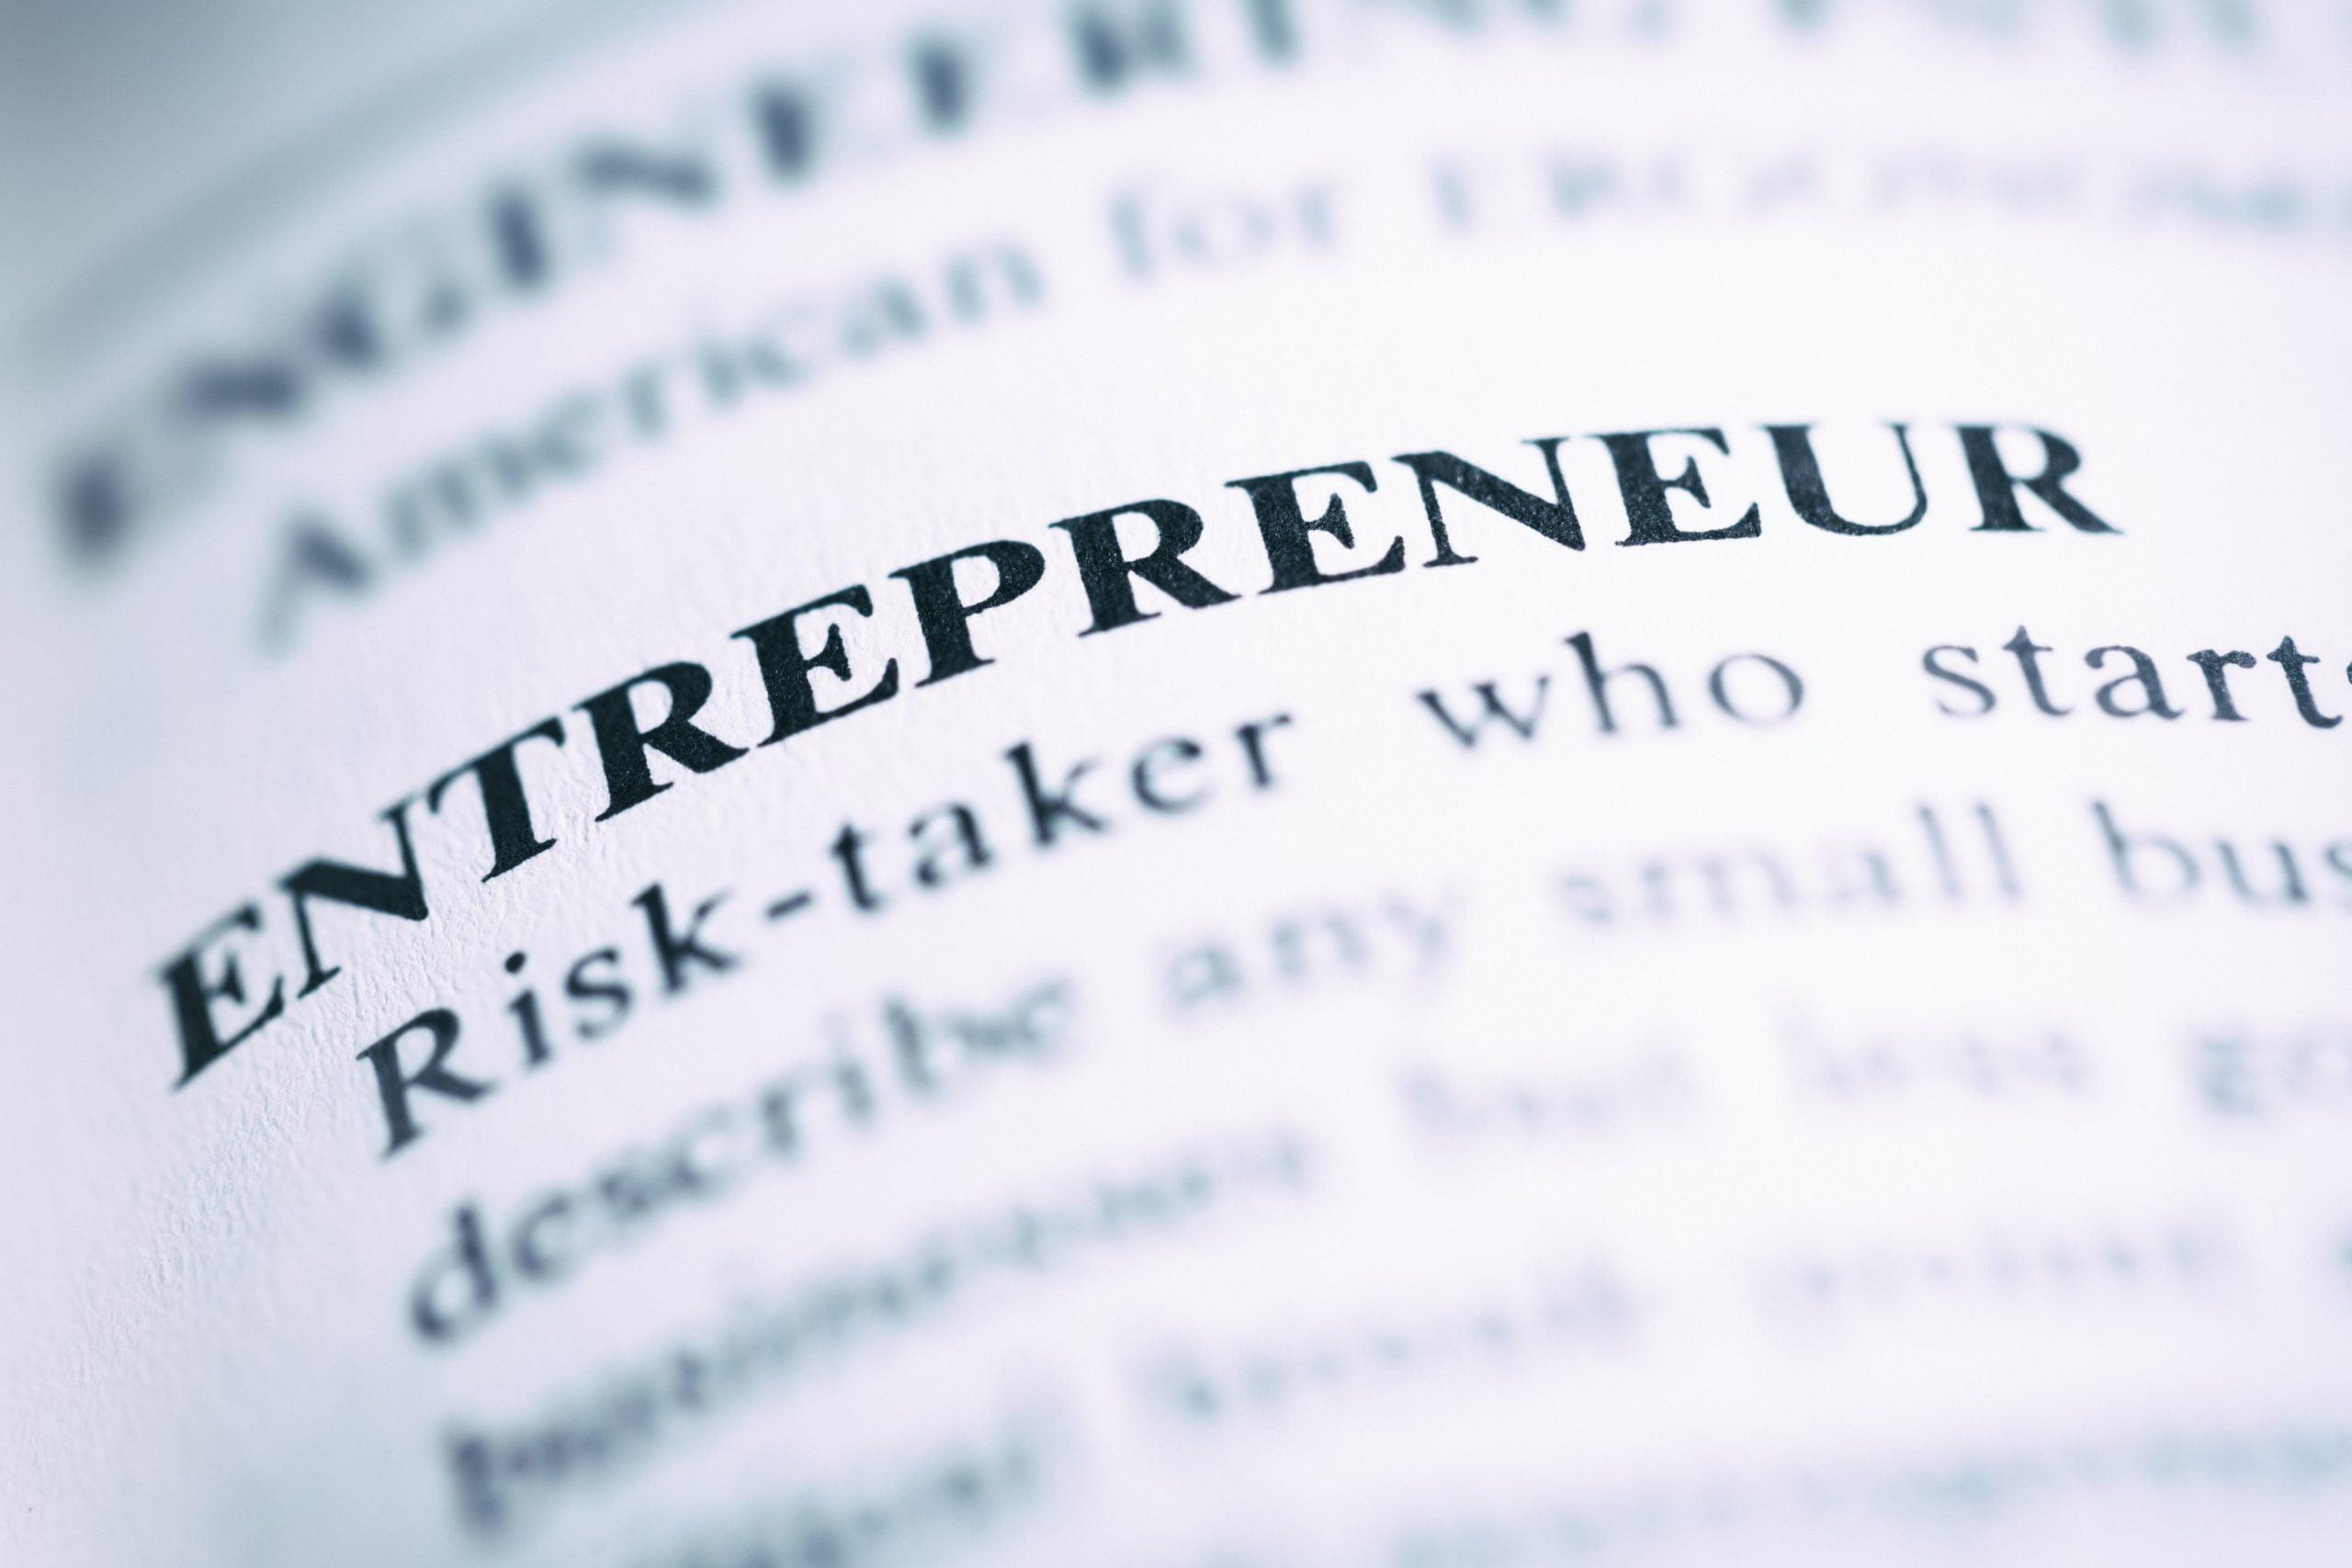 Entrepreneurs meaning